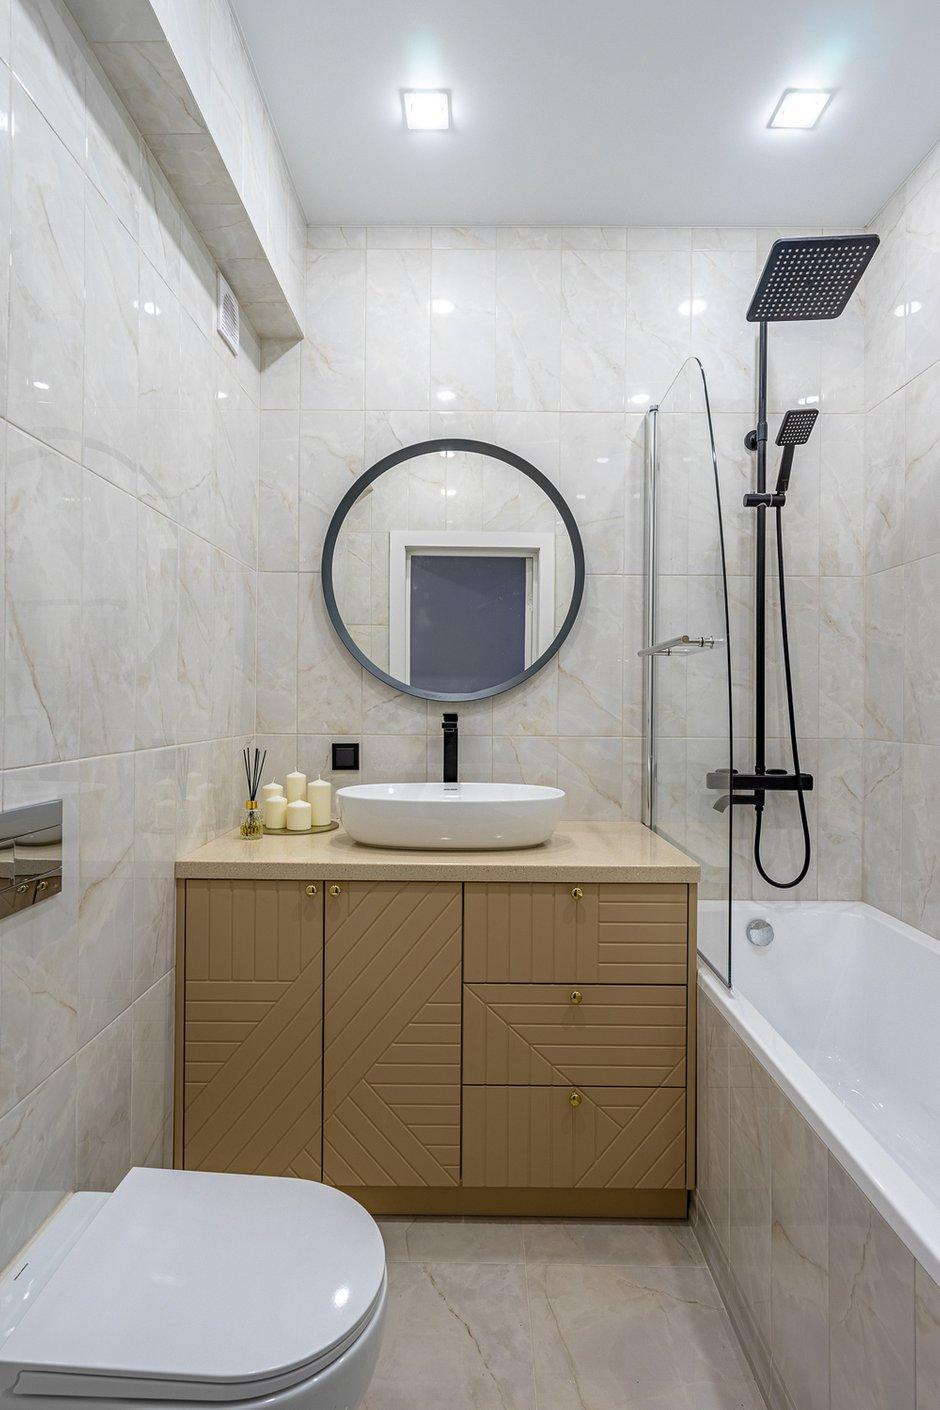 Фотография:  в стиле , Квартира, Проект недели, Москва, 3 комнаты, 60-90 метров, Марьям Разуваева – фото на INMYROOM